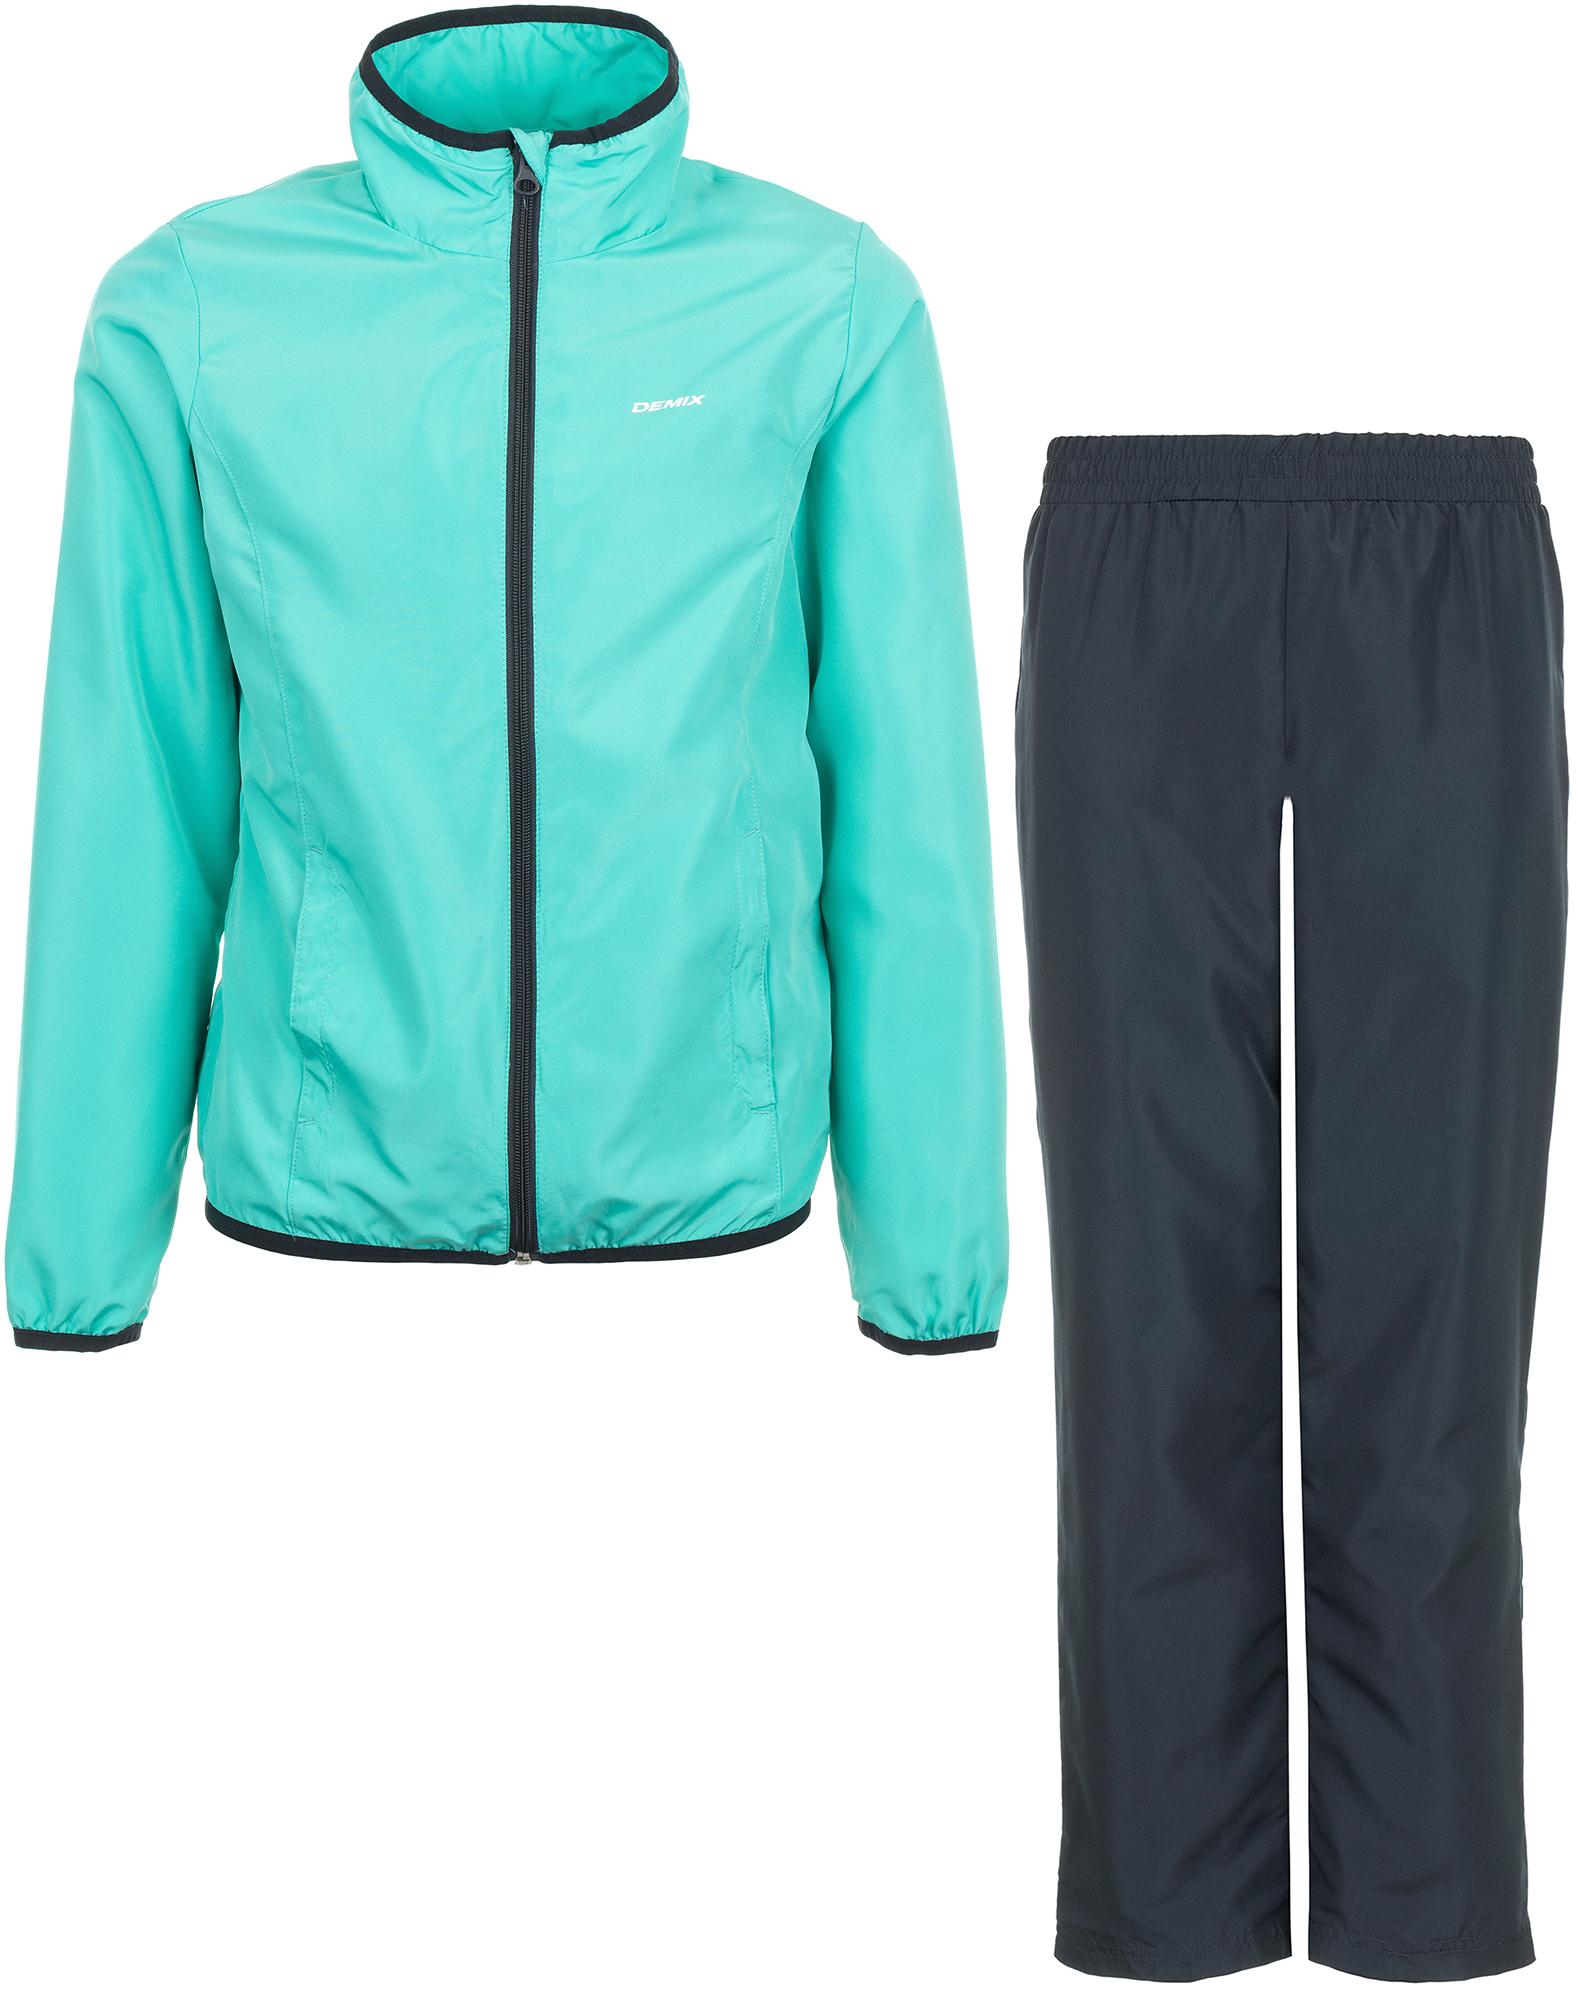 Demix Детский спортивный костюм Demix, размер 164 спортивный костюм детский adidas i fun jog fl цвет черный серый ce9729 размер 104